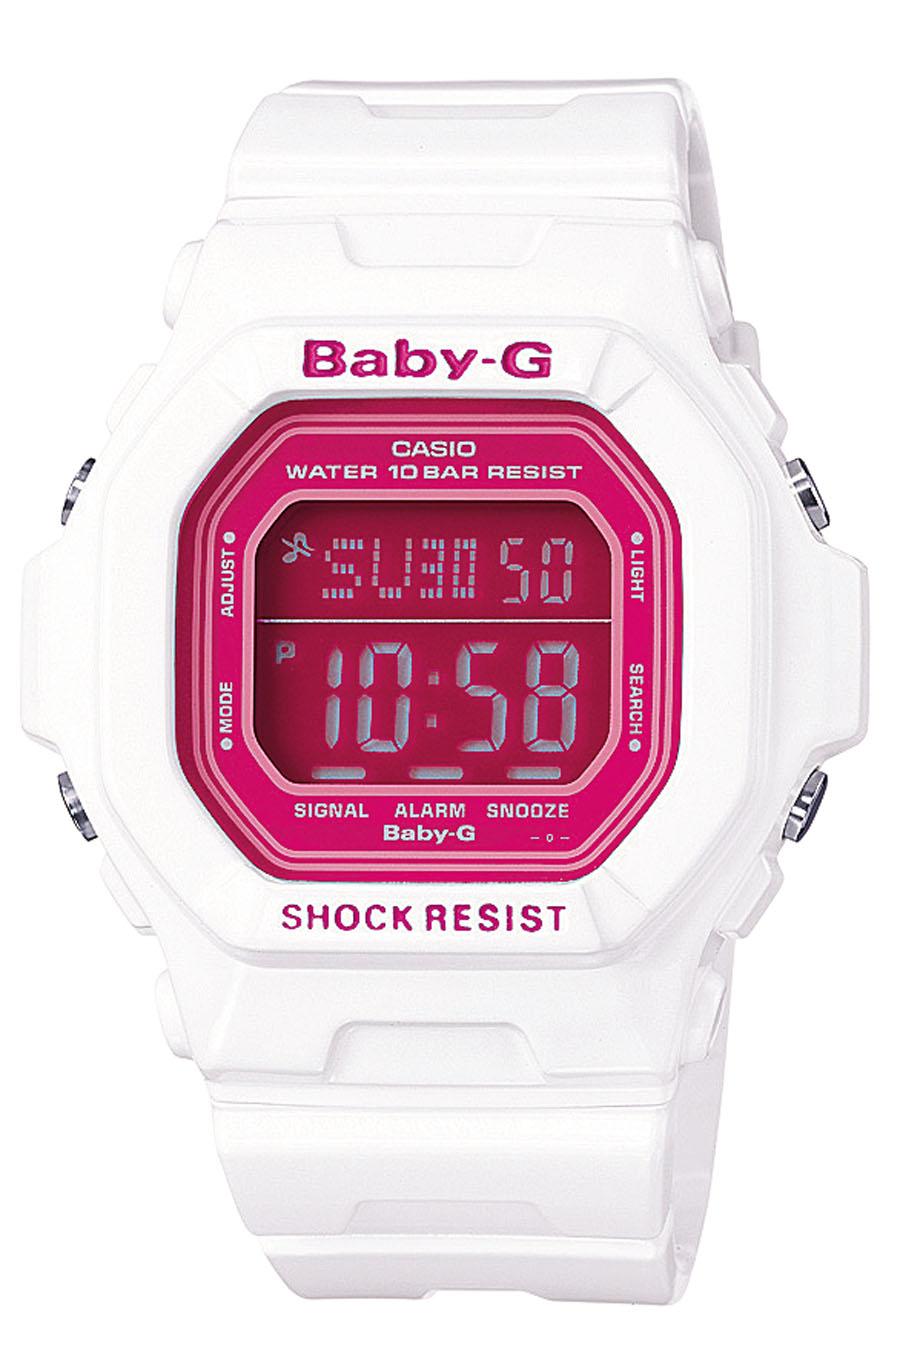 Baby-G, R$ 410. Casio, (11) 2539-2770